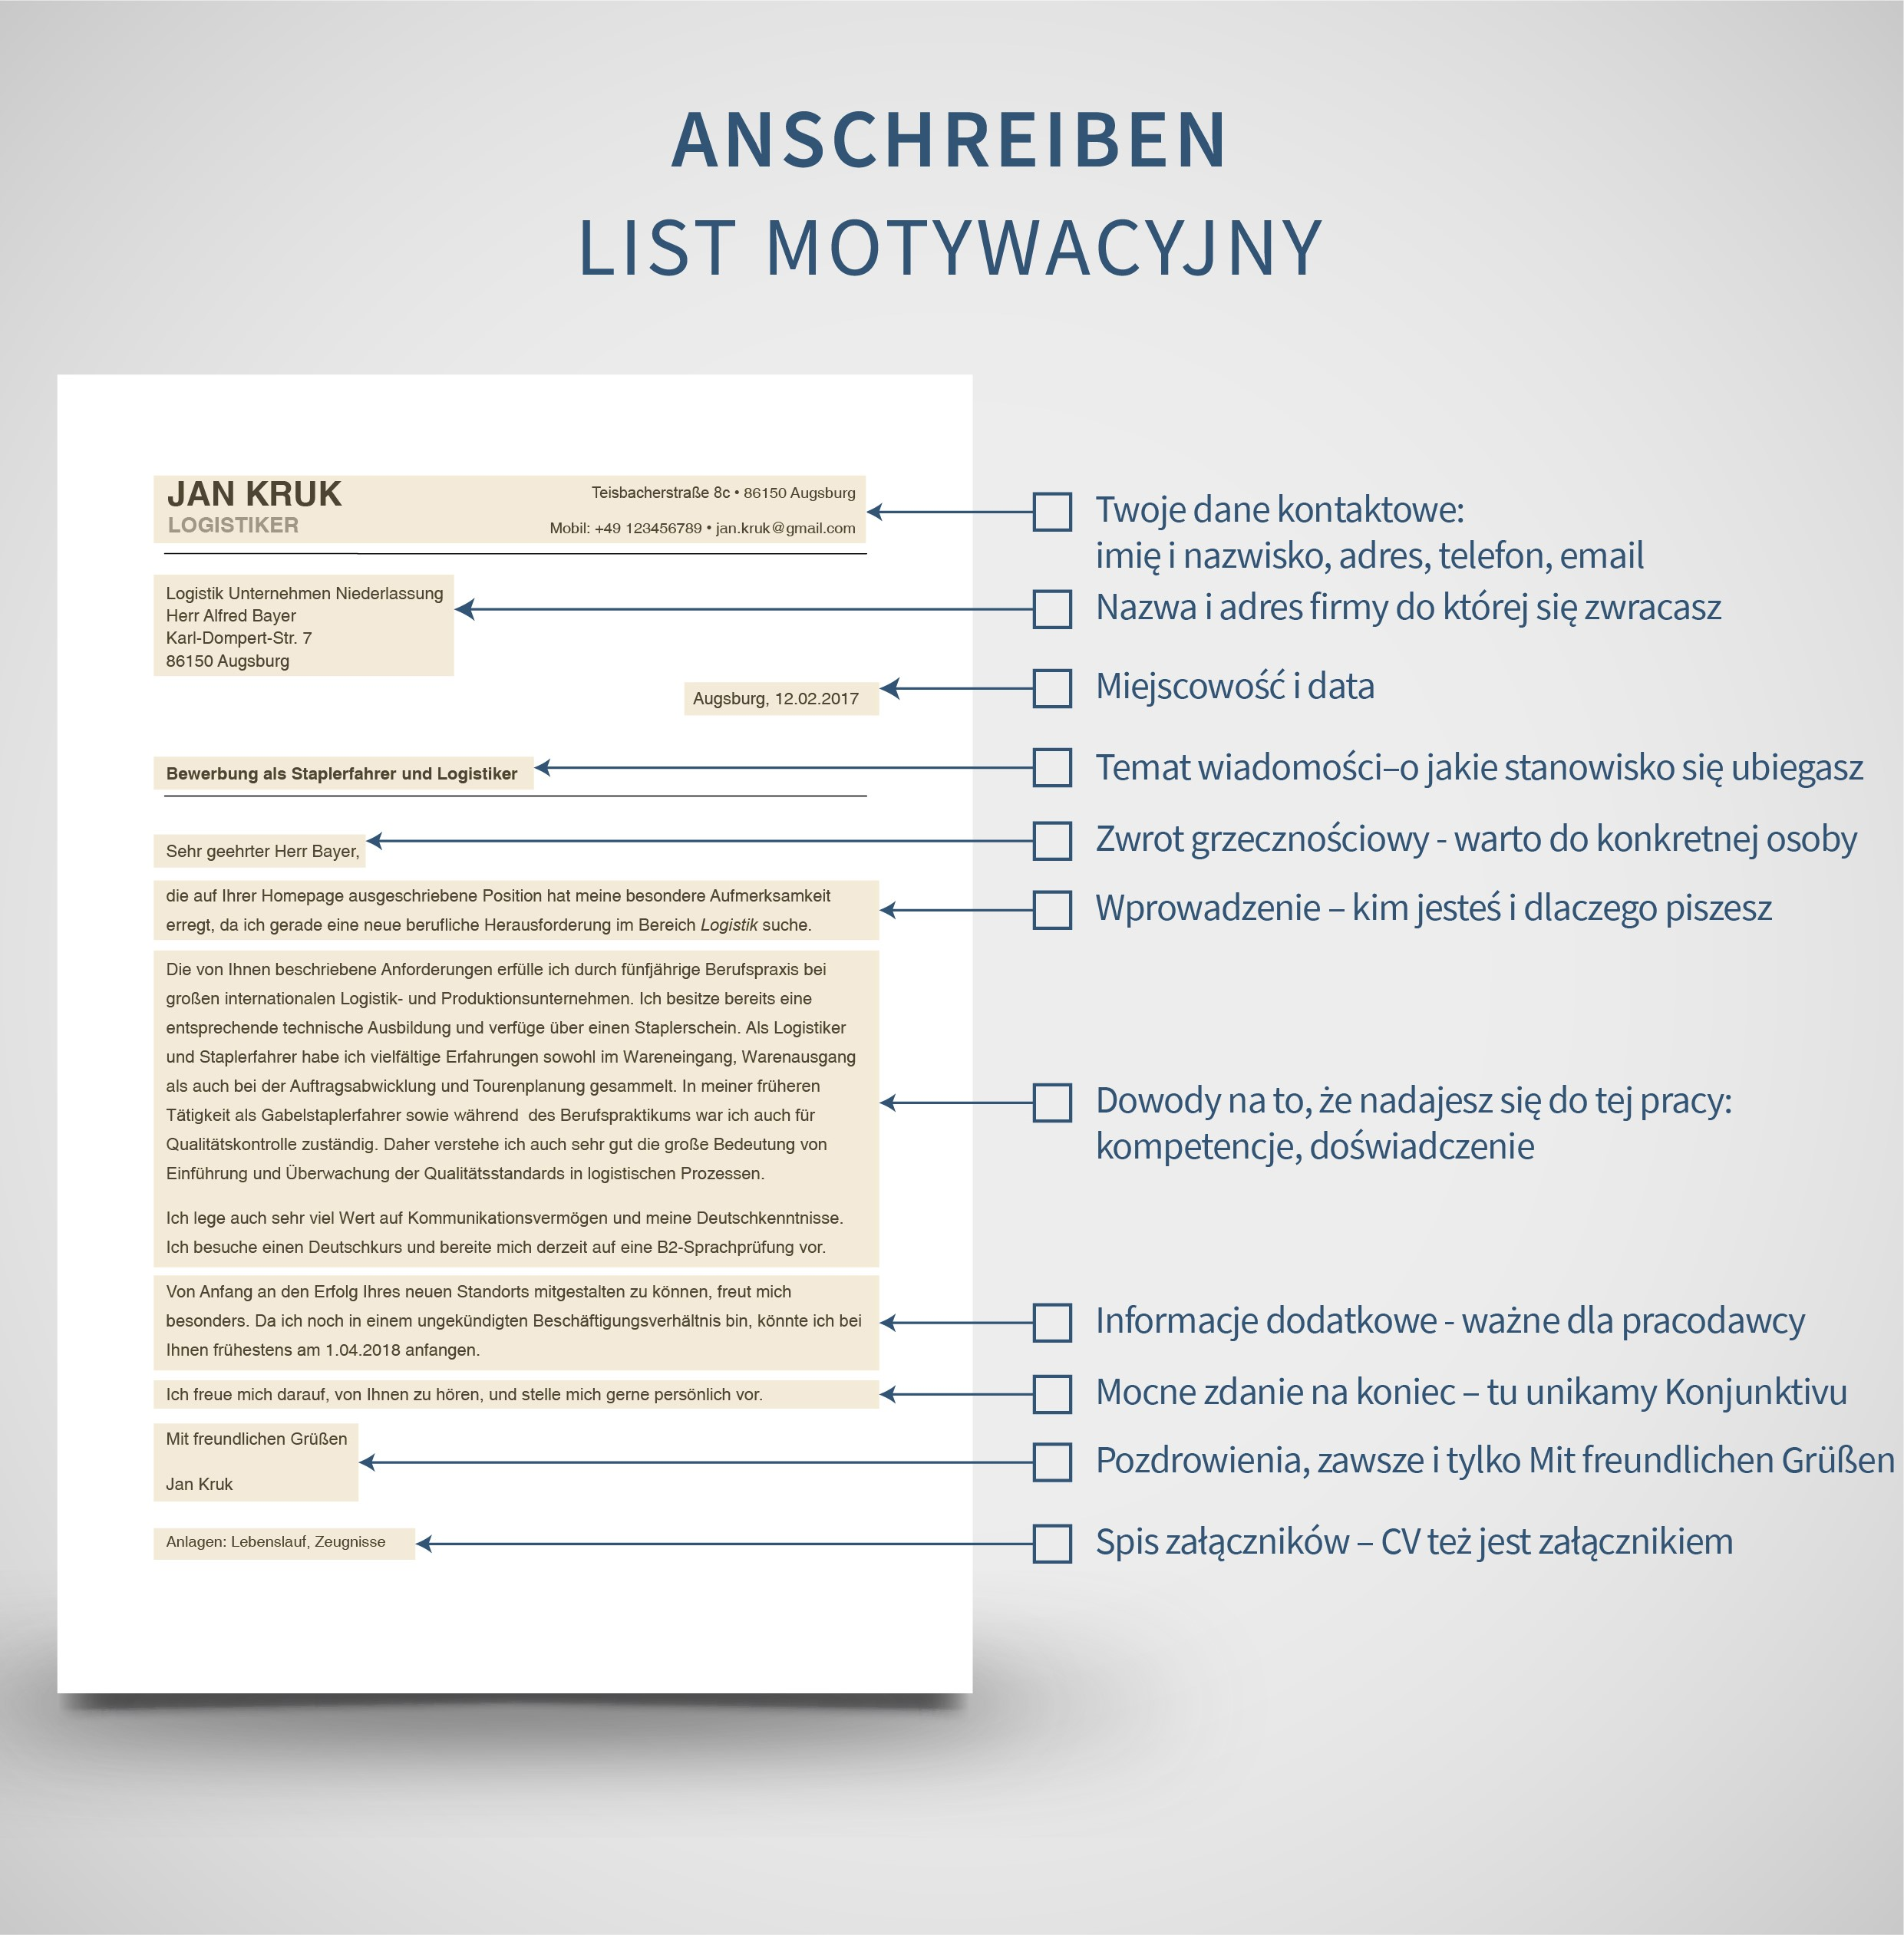 Jak Napisać Anschreiben List Motywacyjny Po Niemiecku